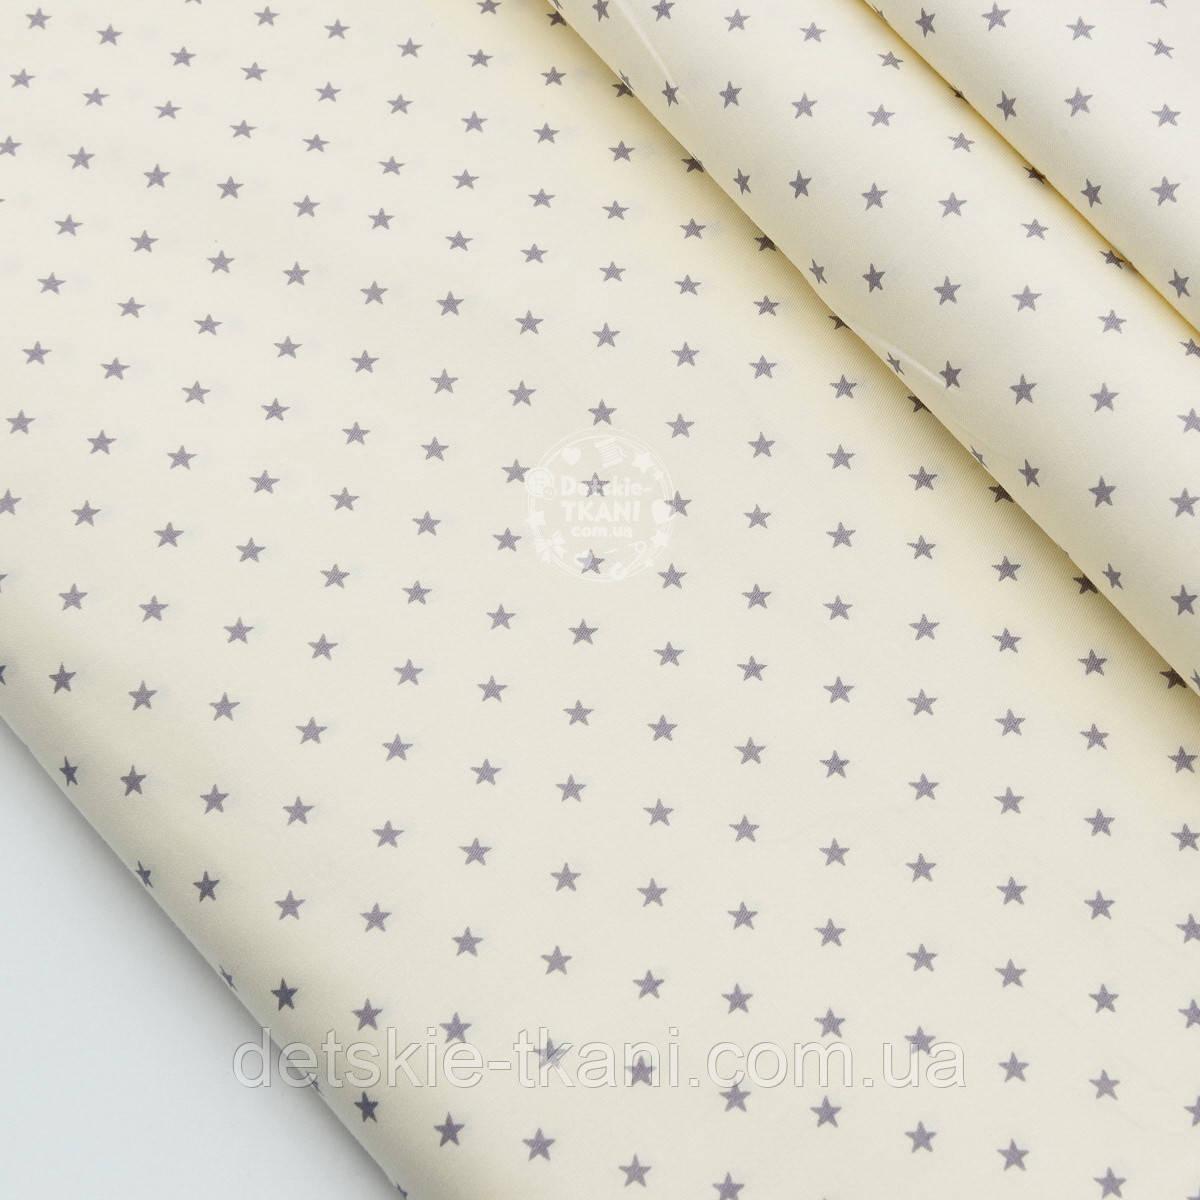 """Сатин ткань """"Мелкие одинаковые звёздочки в шахматном порядке"""" серые на кремовом, №1790с"""